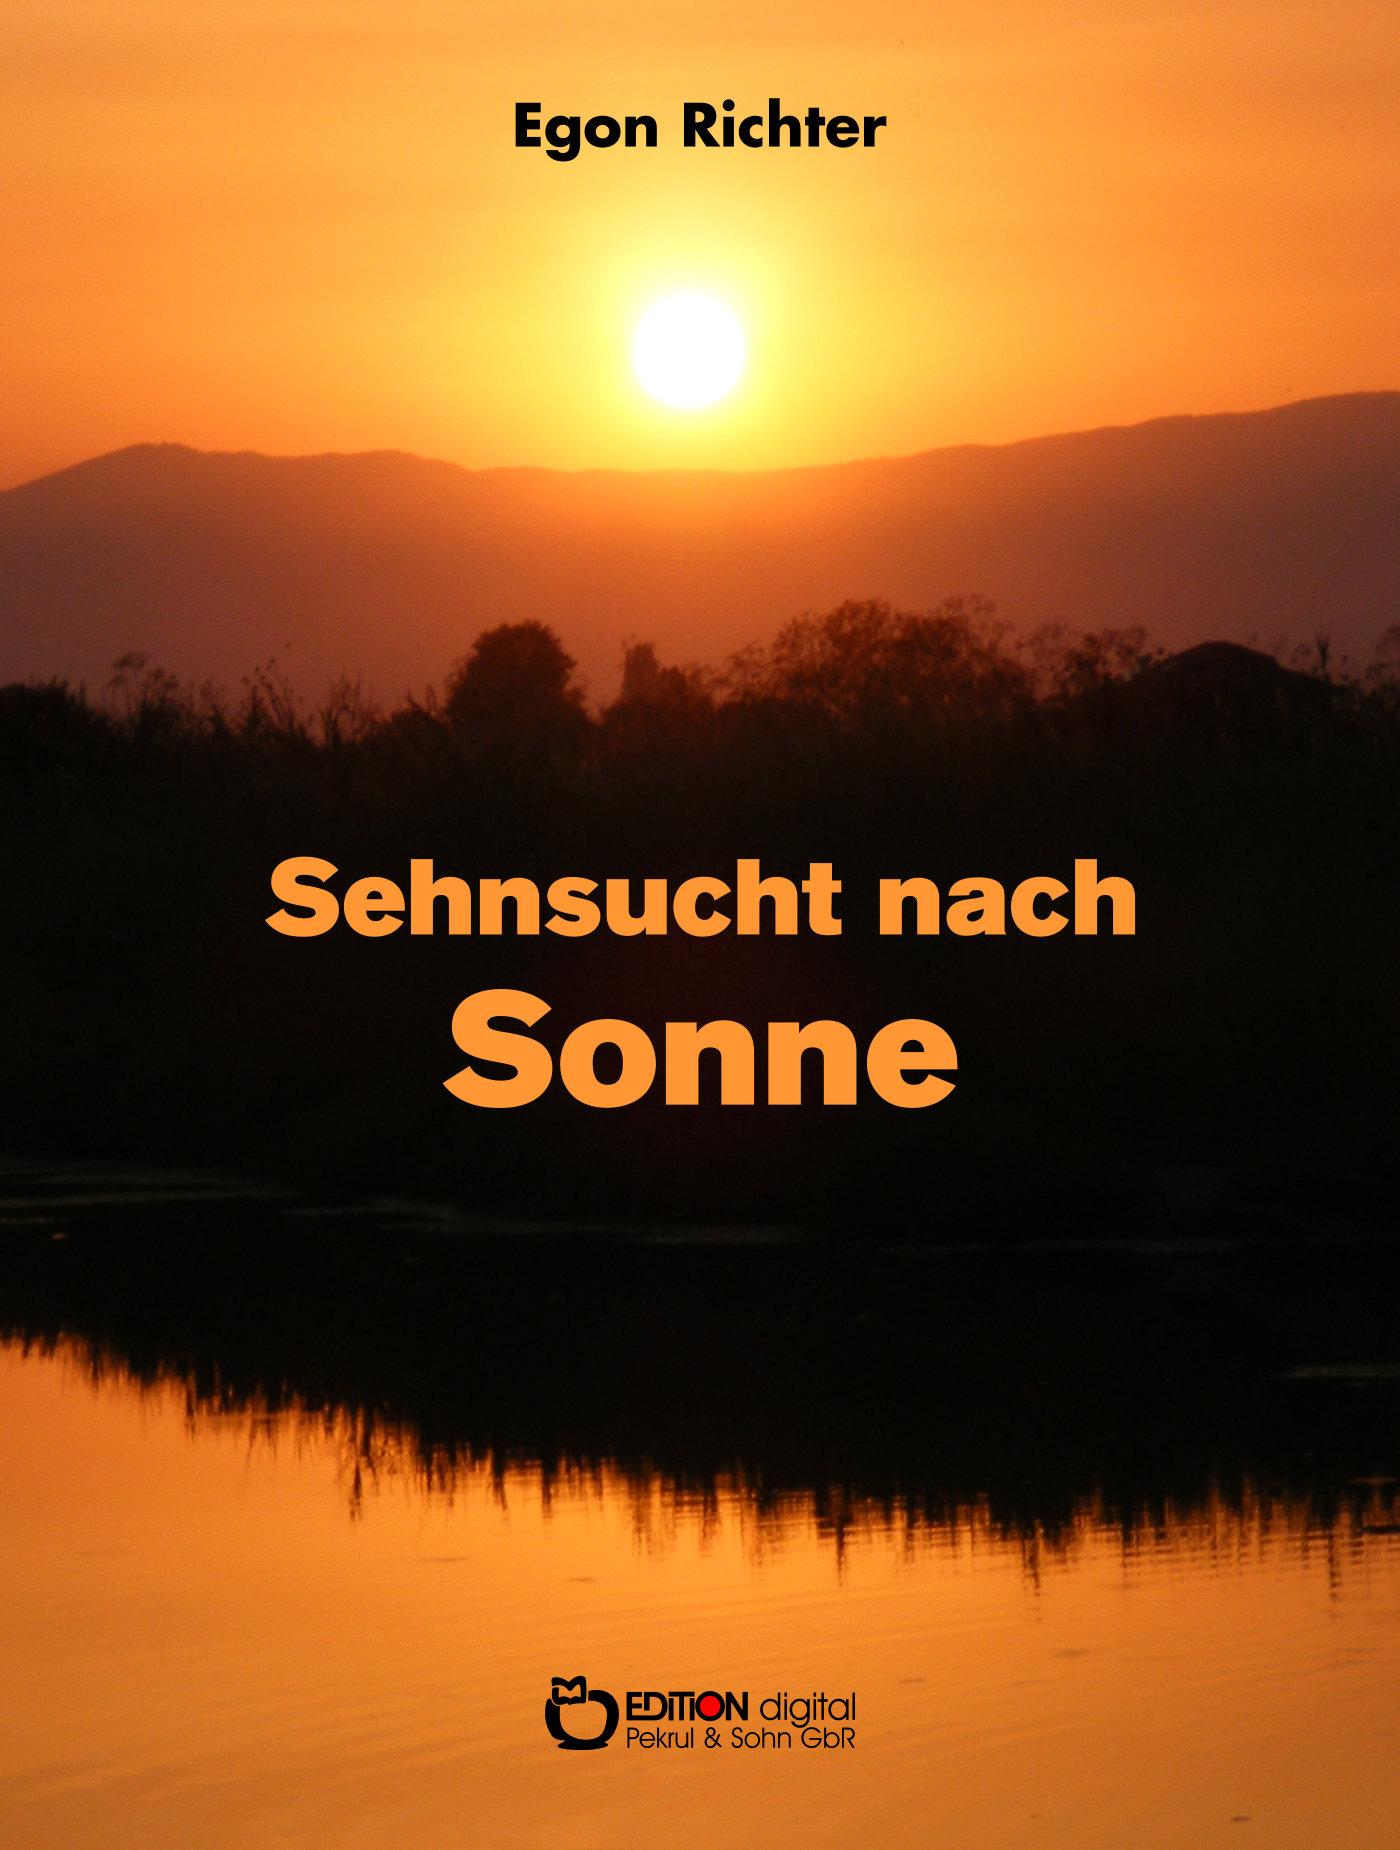 Sehnsucht nach Sonne. Geschichten vom Großen Fels bis zum Stillen Ozean von Egon Richter